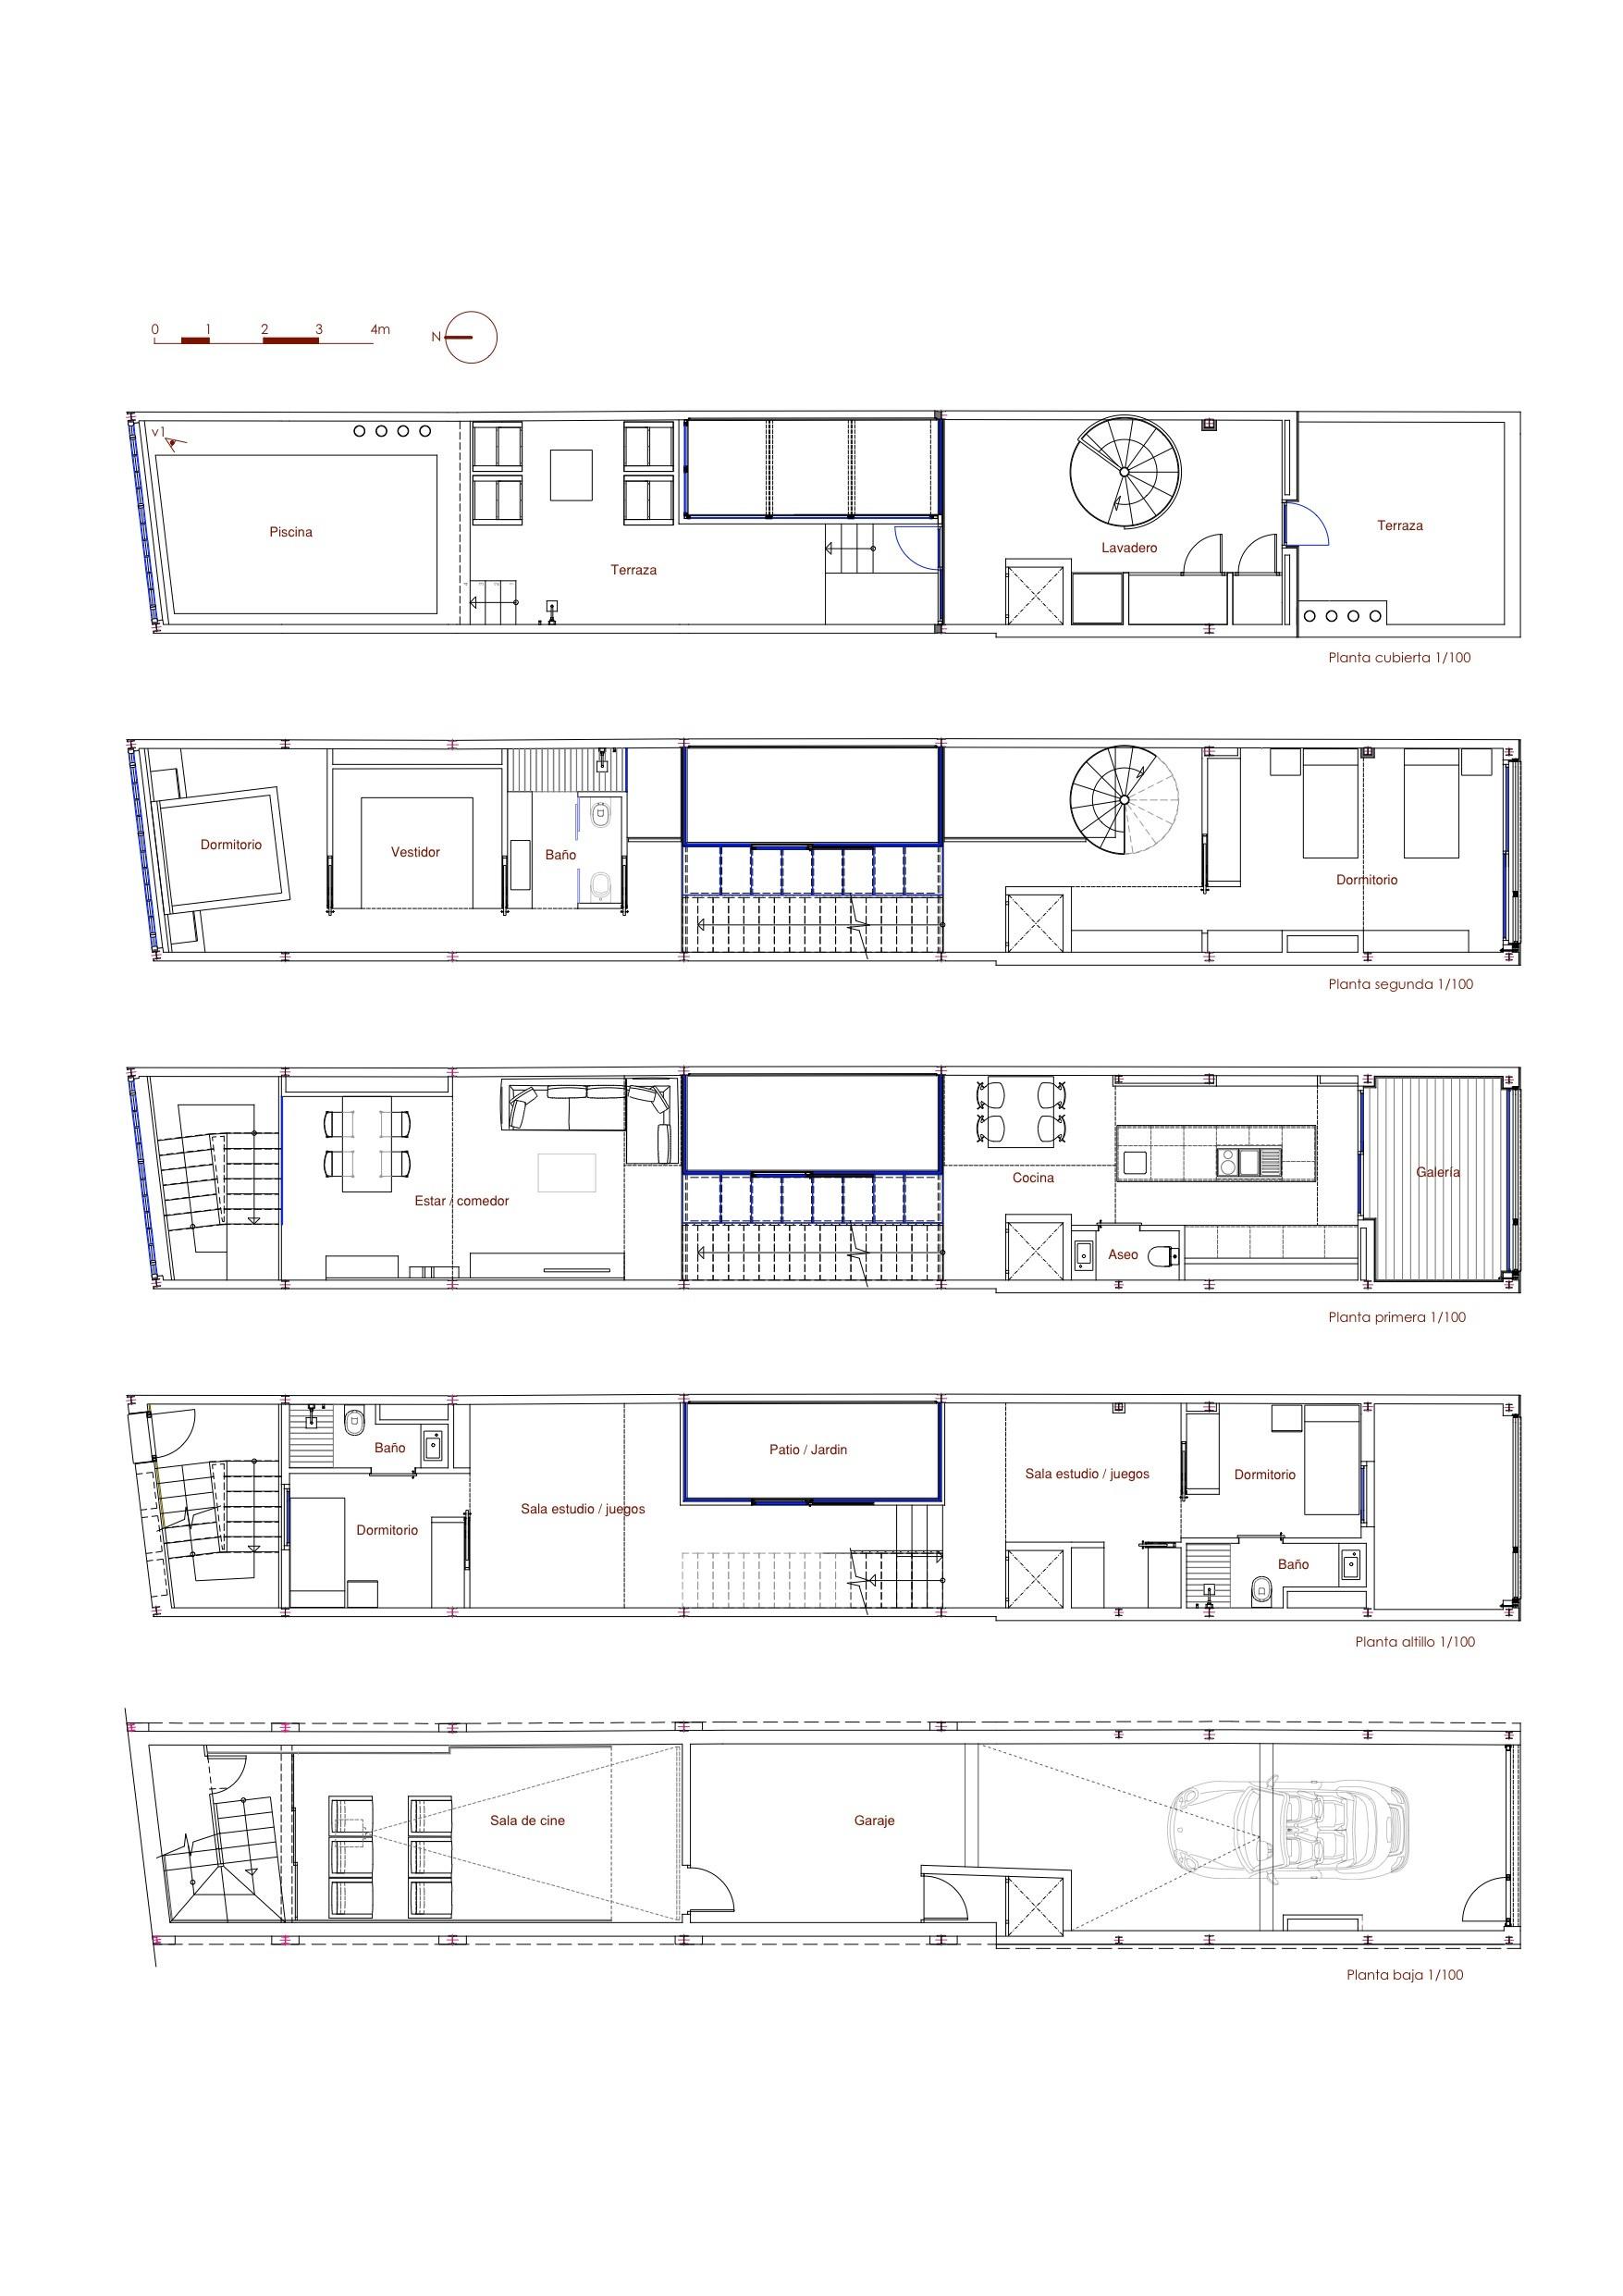 Vivienda unifamiliar entre medianeras ferrolan lab for Plantas de arquitectura